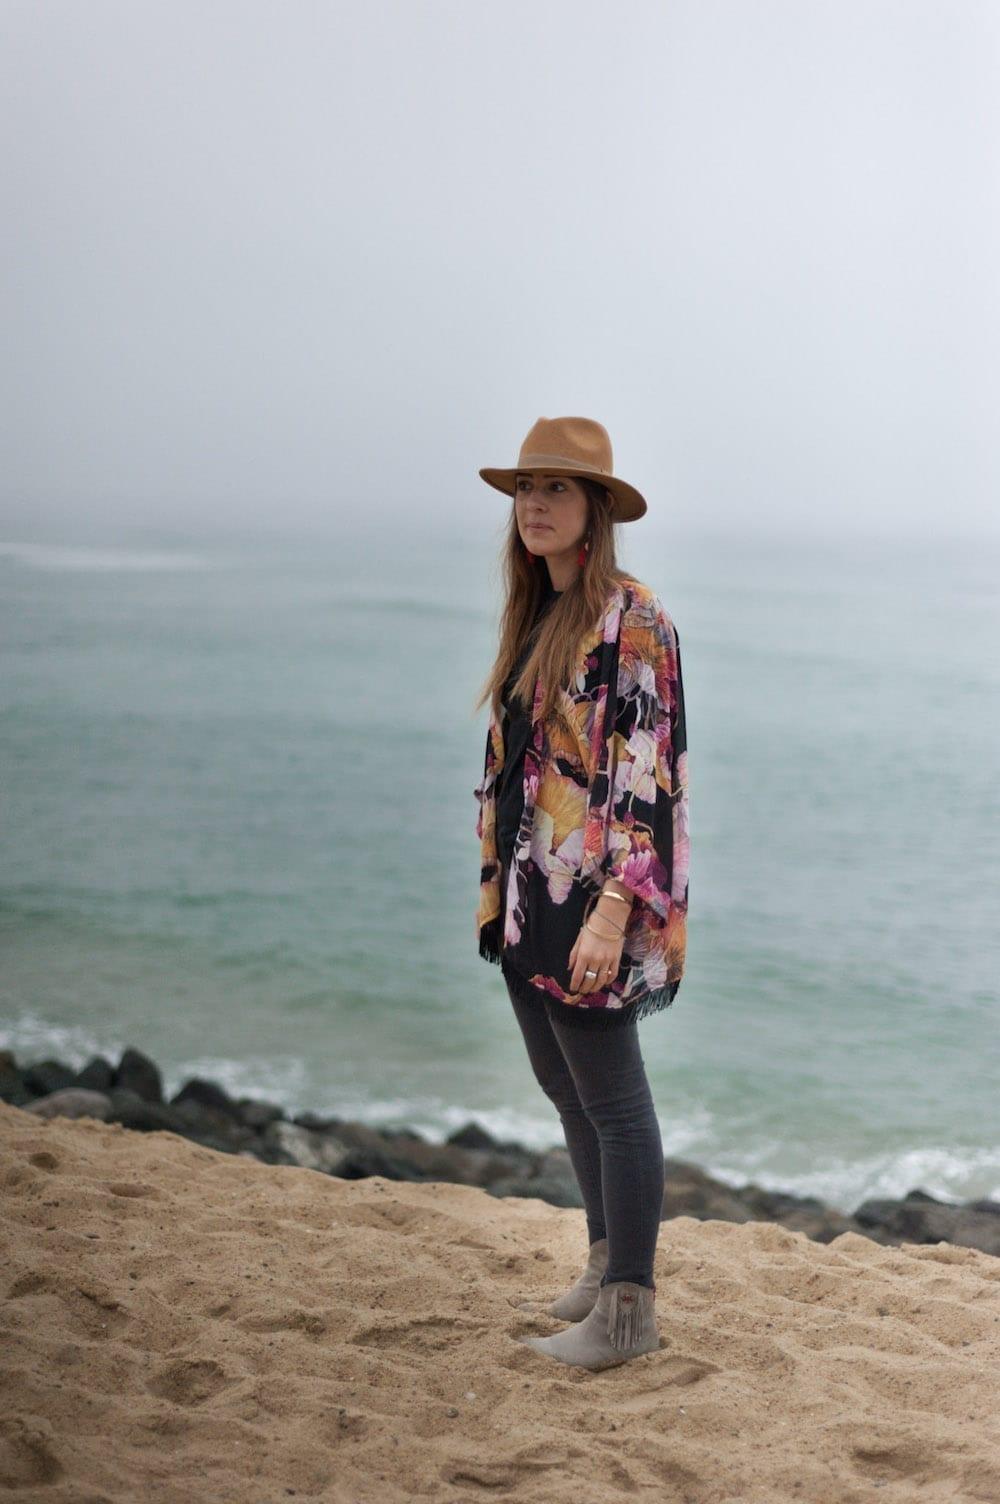 diy-couture-kimono-franges-10-2016-2177